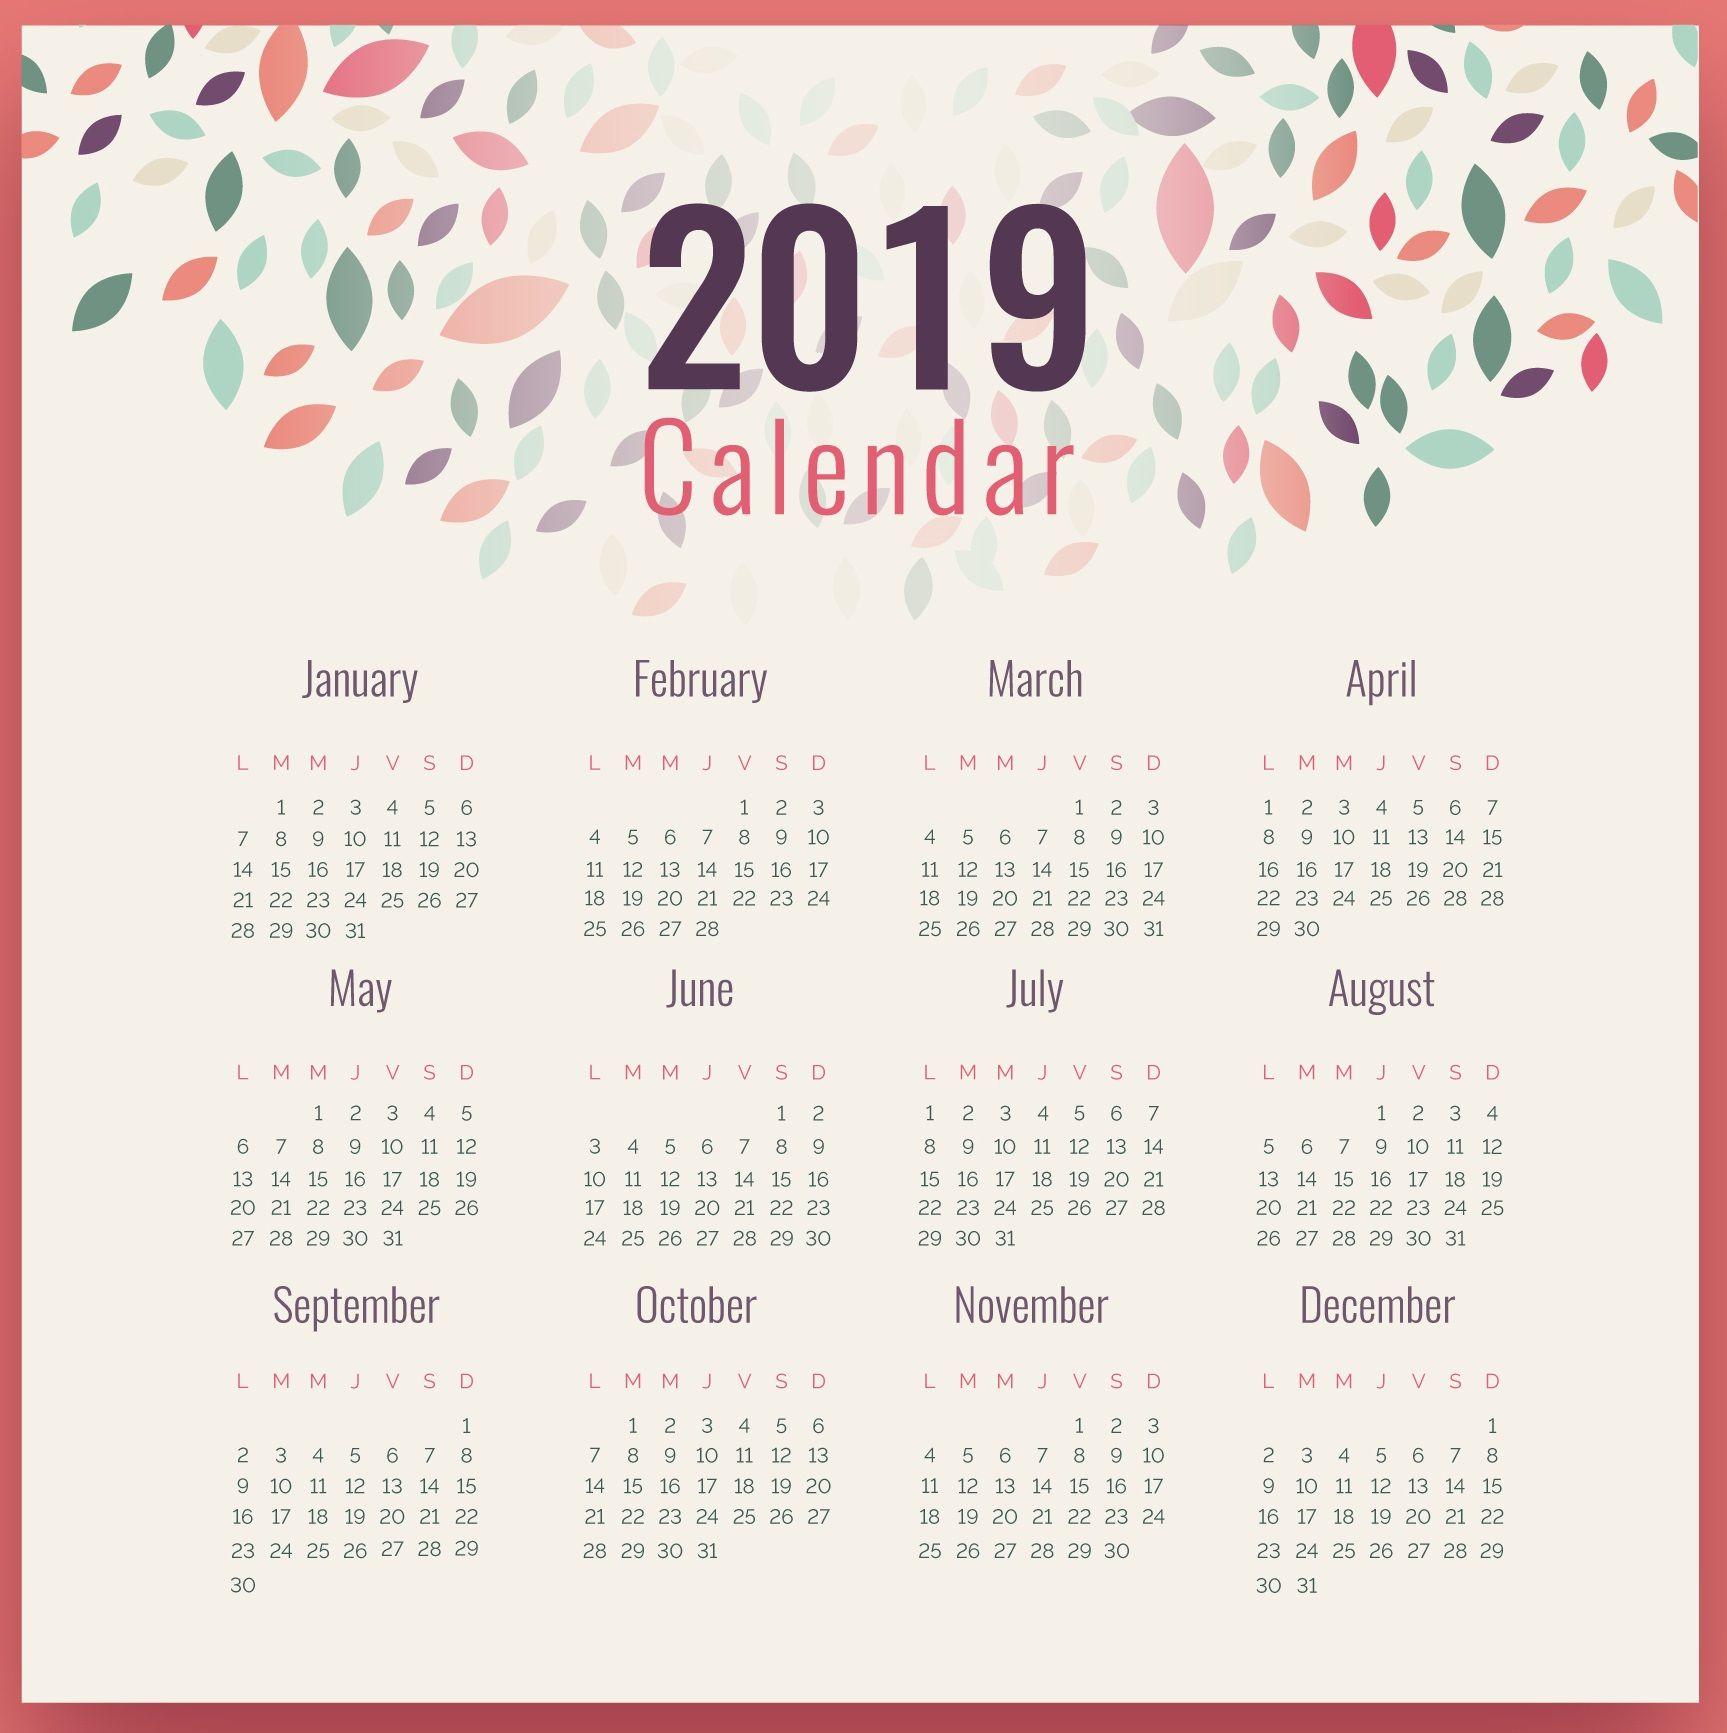 2019 Calendar Photo Frame Design | Monthly Calendar Templates | Wall in Frame Birthday Calendar Templates Free